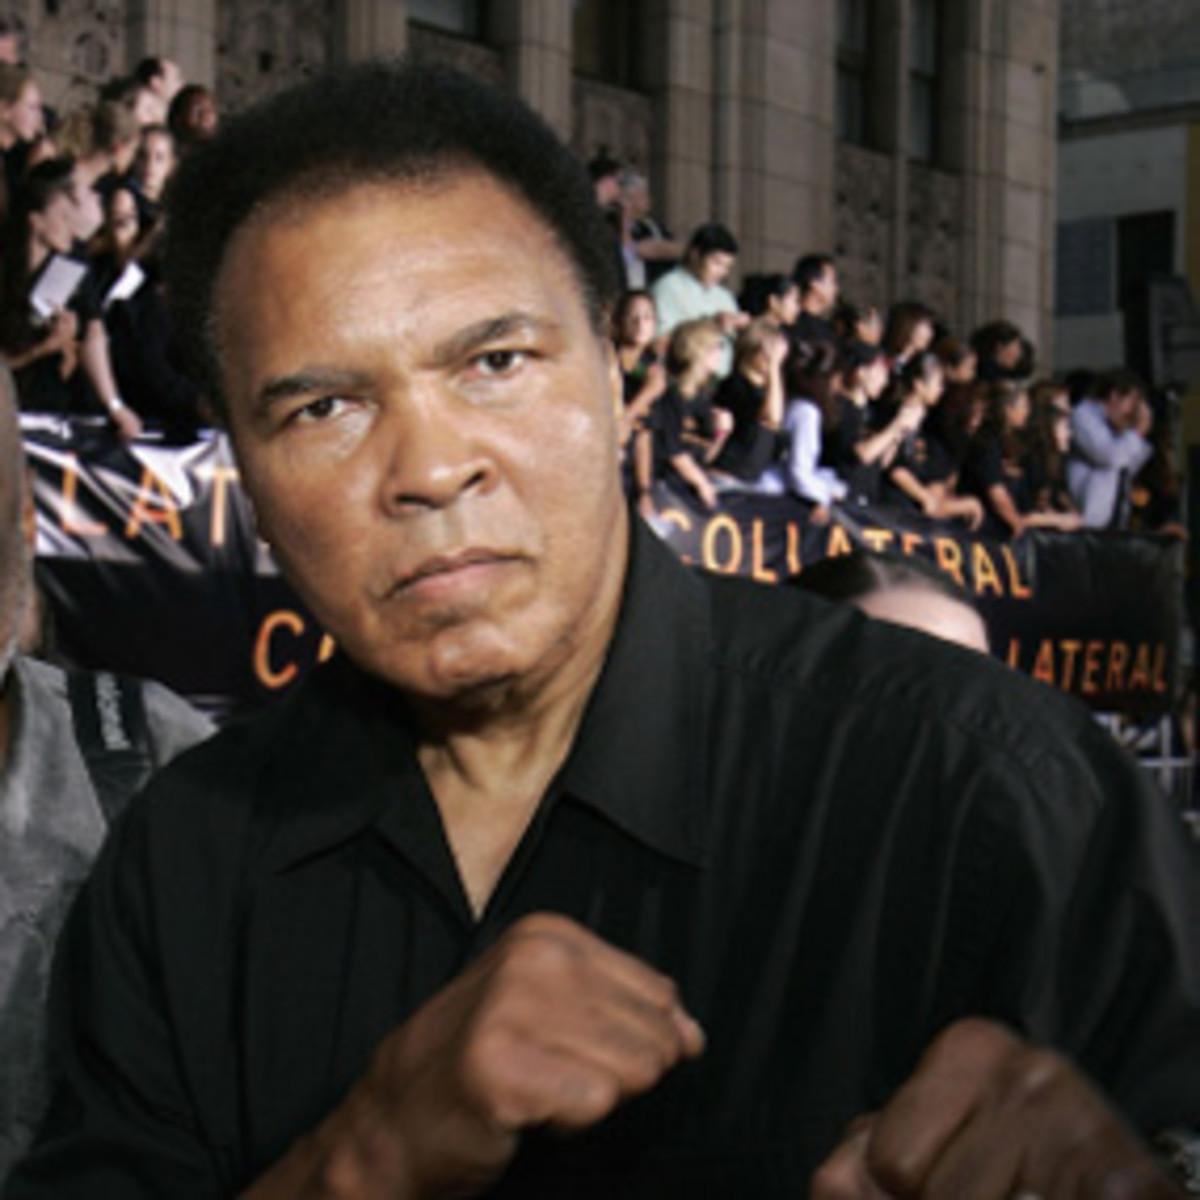 Muhammed Ali, retired boxer